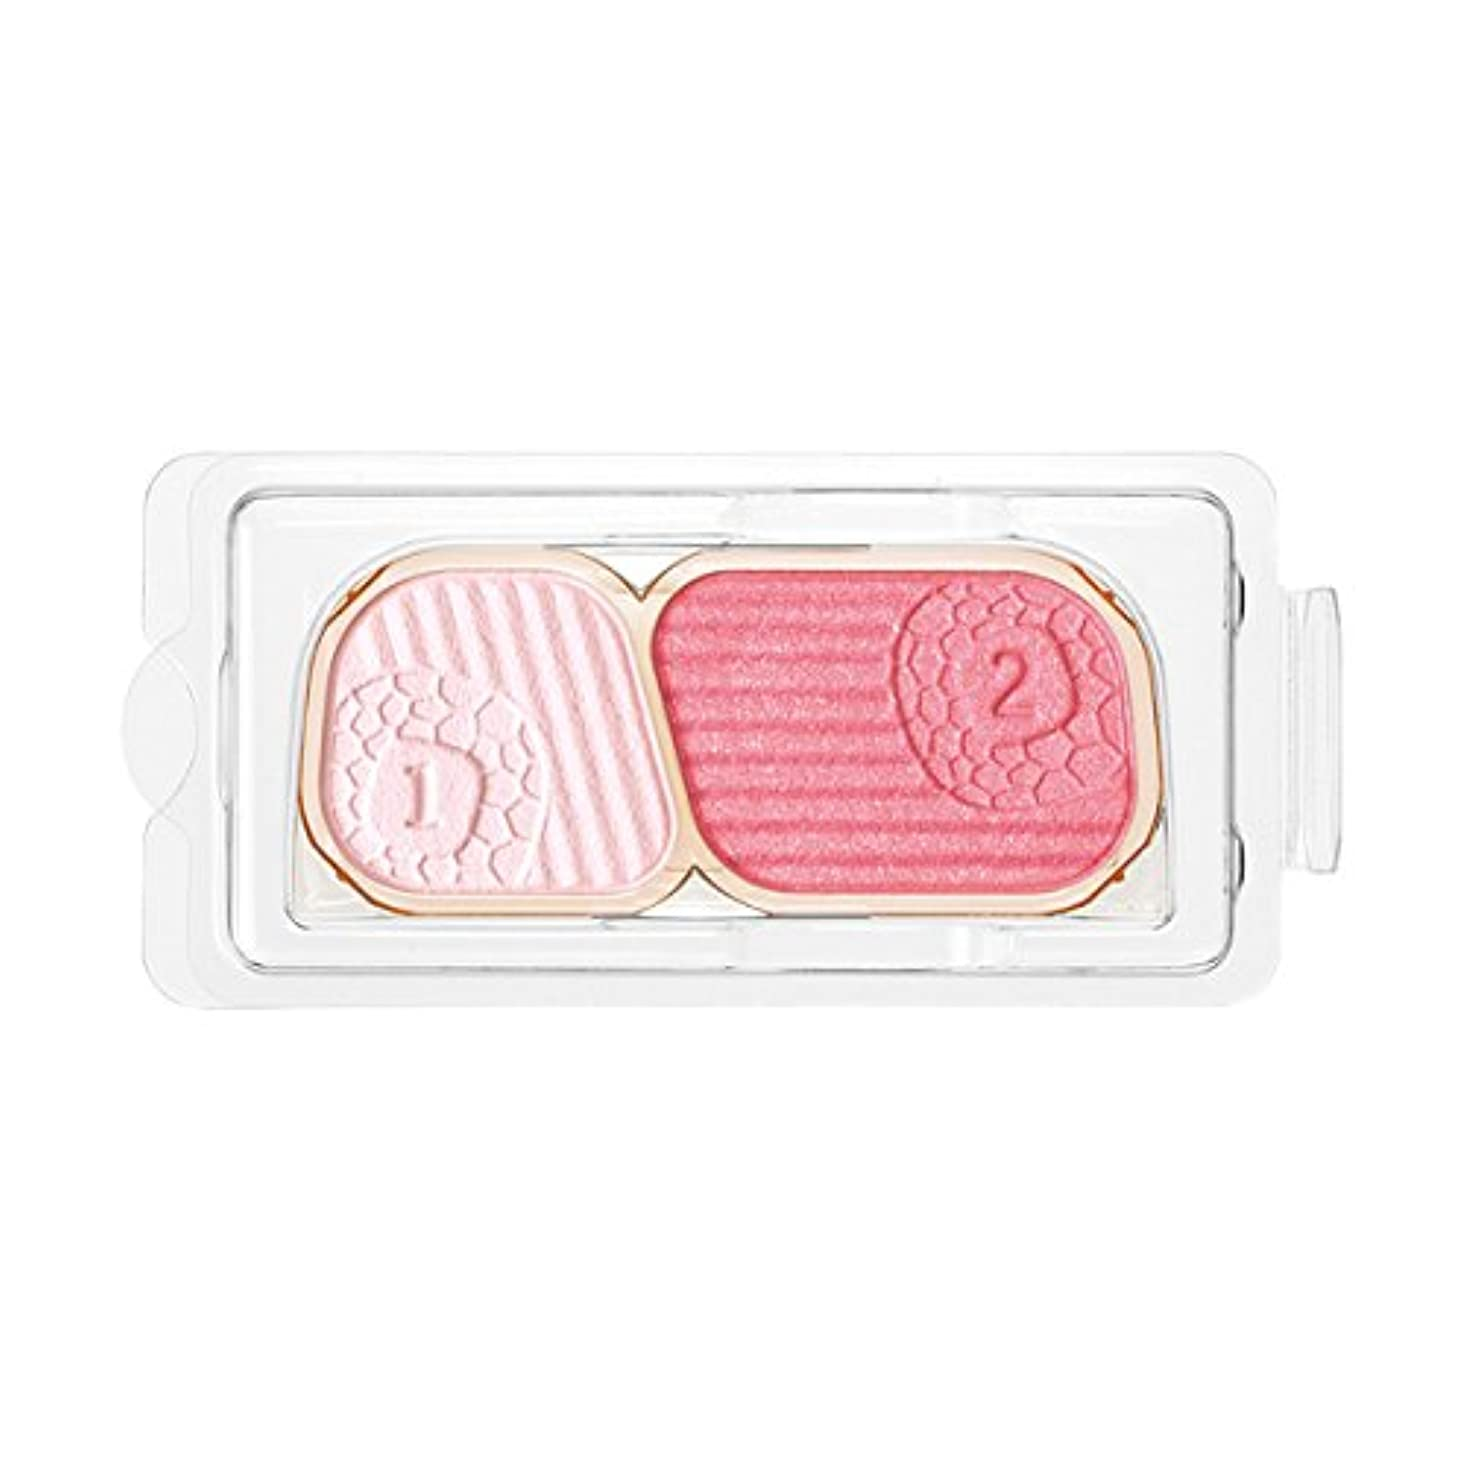 つばトマト時間厳守プリオール 美リフトチーク (レフィル) ピンク 3.5g